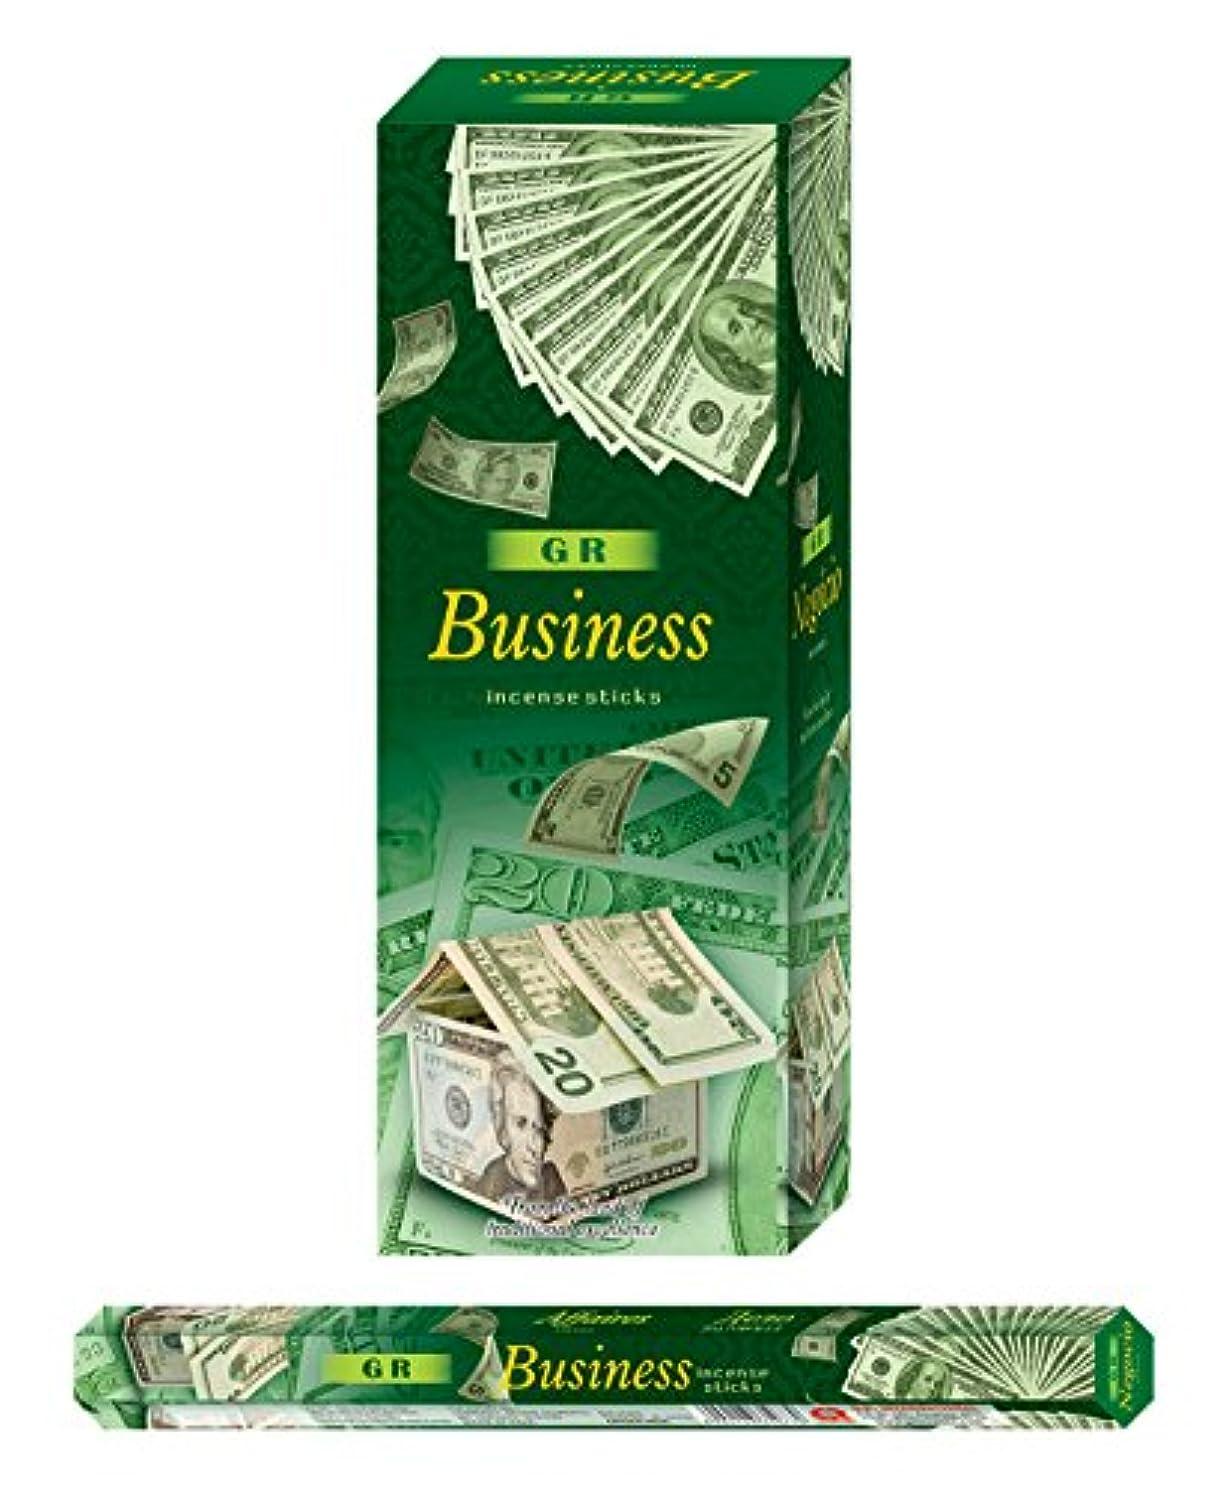 キリストを除く計画Gr Business Incense-120 Sticks by G&R